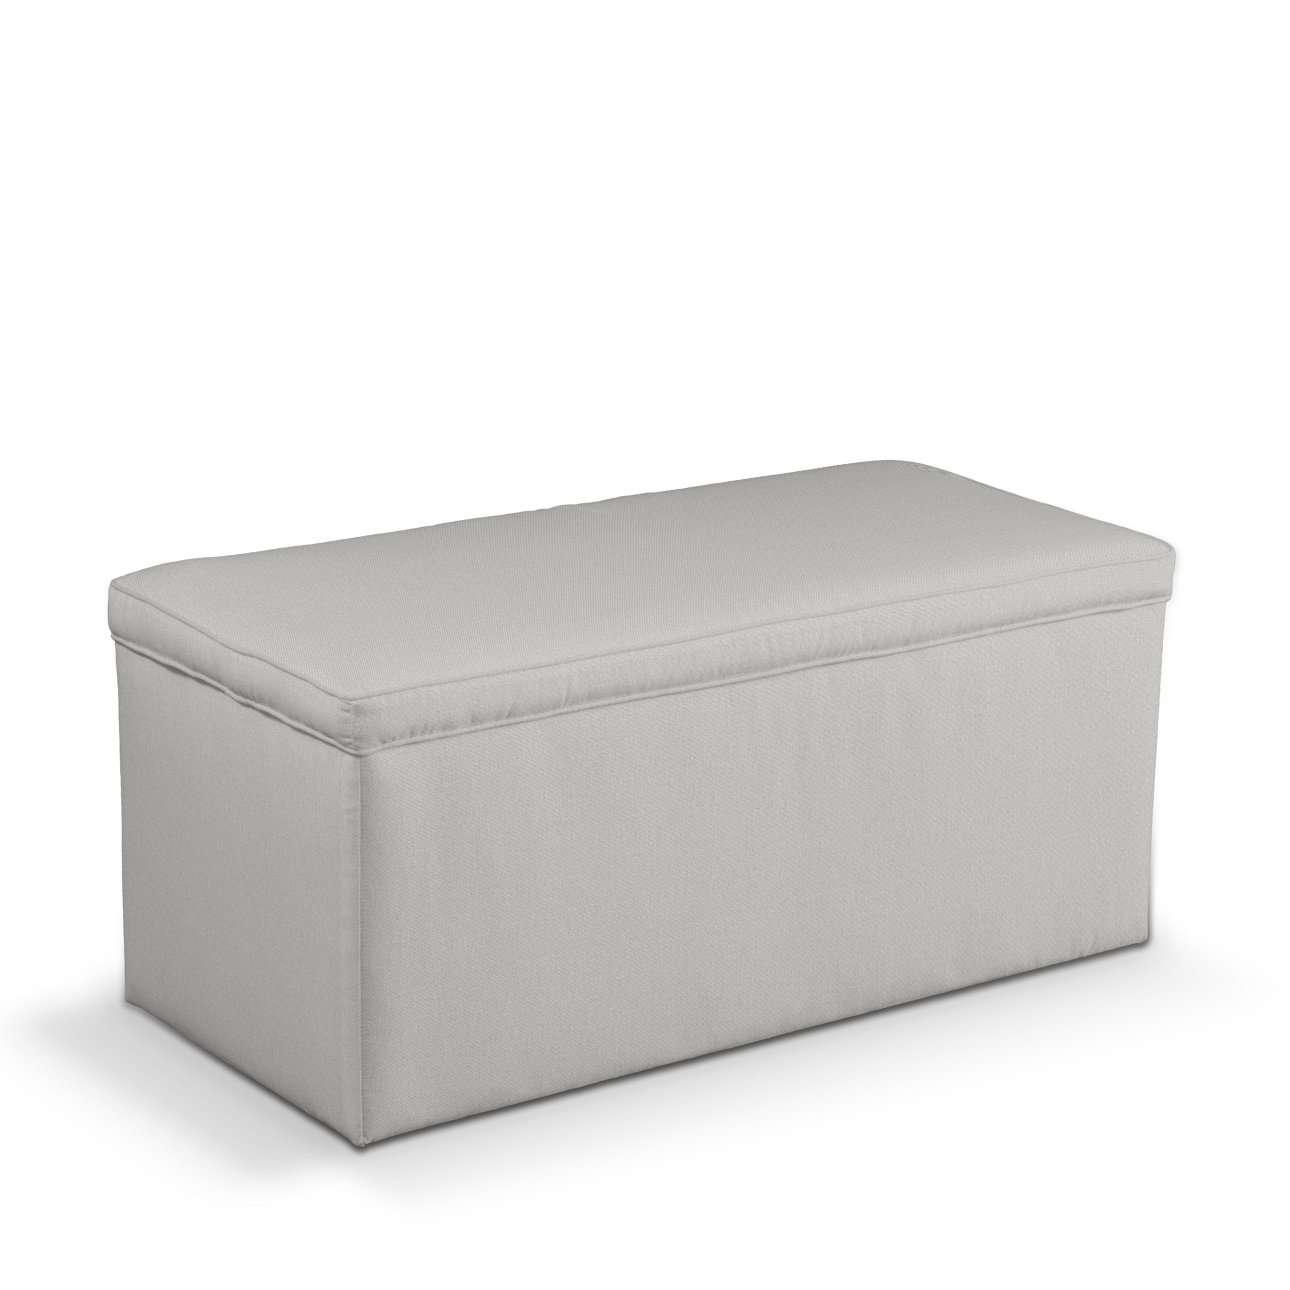 Čalouněná skříň s volbou látky - 2 velikosti v kolekci Etna, látka: 705-90